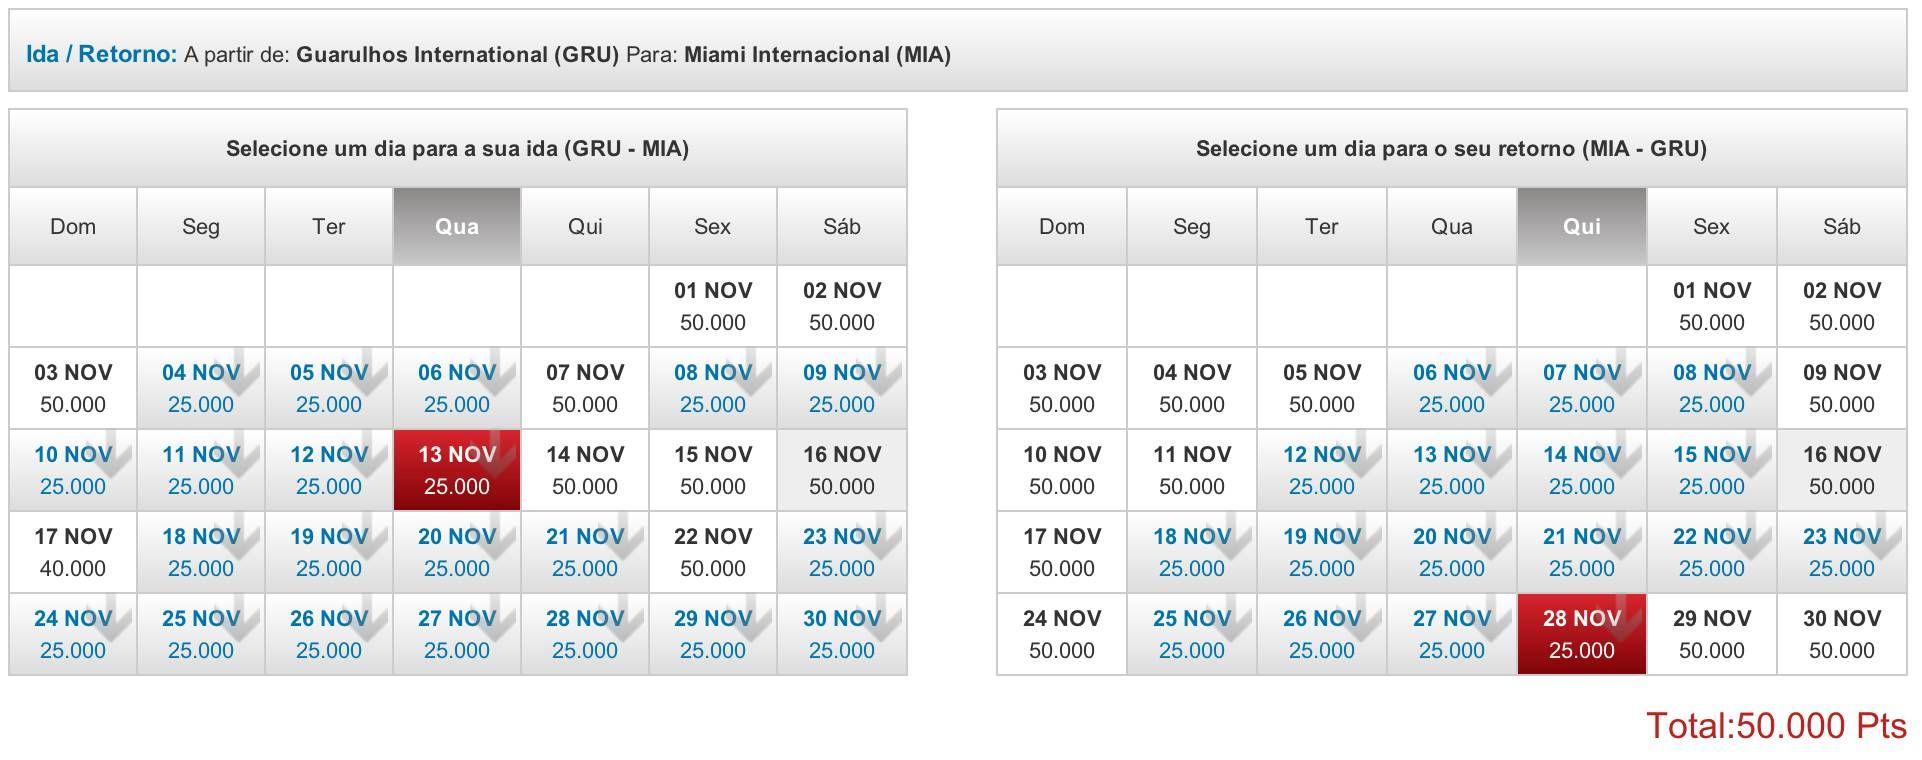 Somente HOJE: TAM Fidelidade tem passagens pra Miami por 25.000 pontos (o trecho)